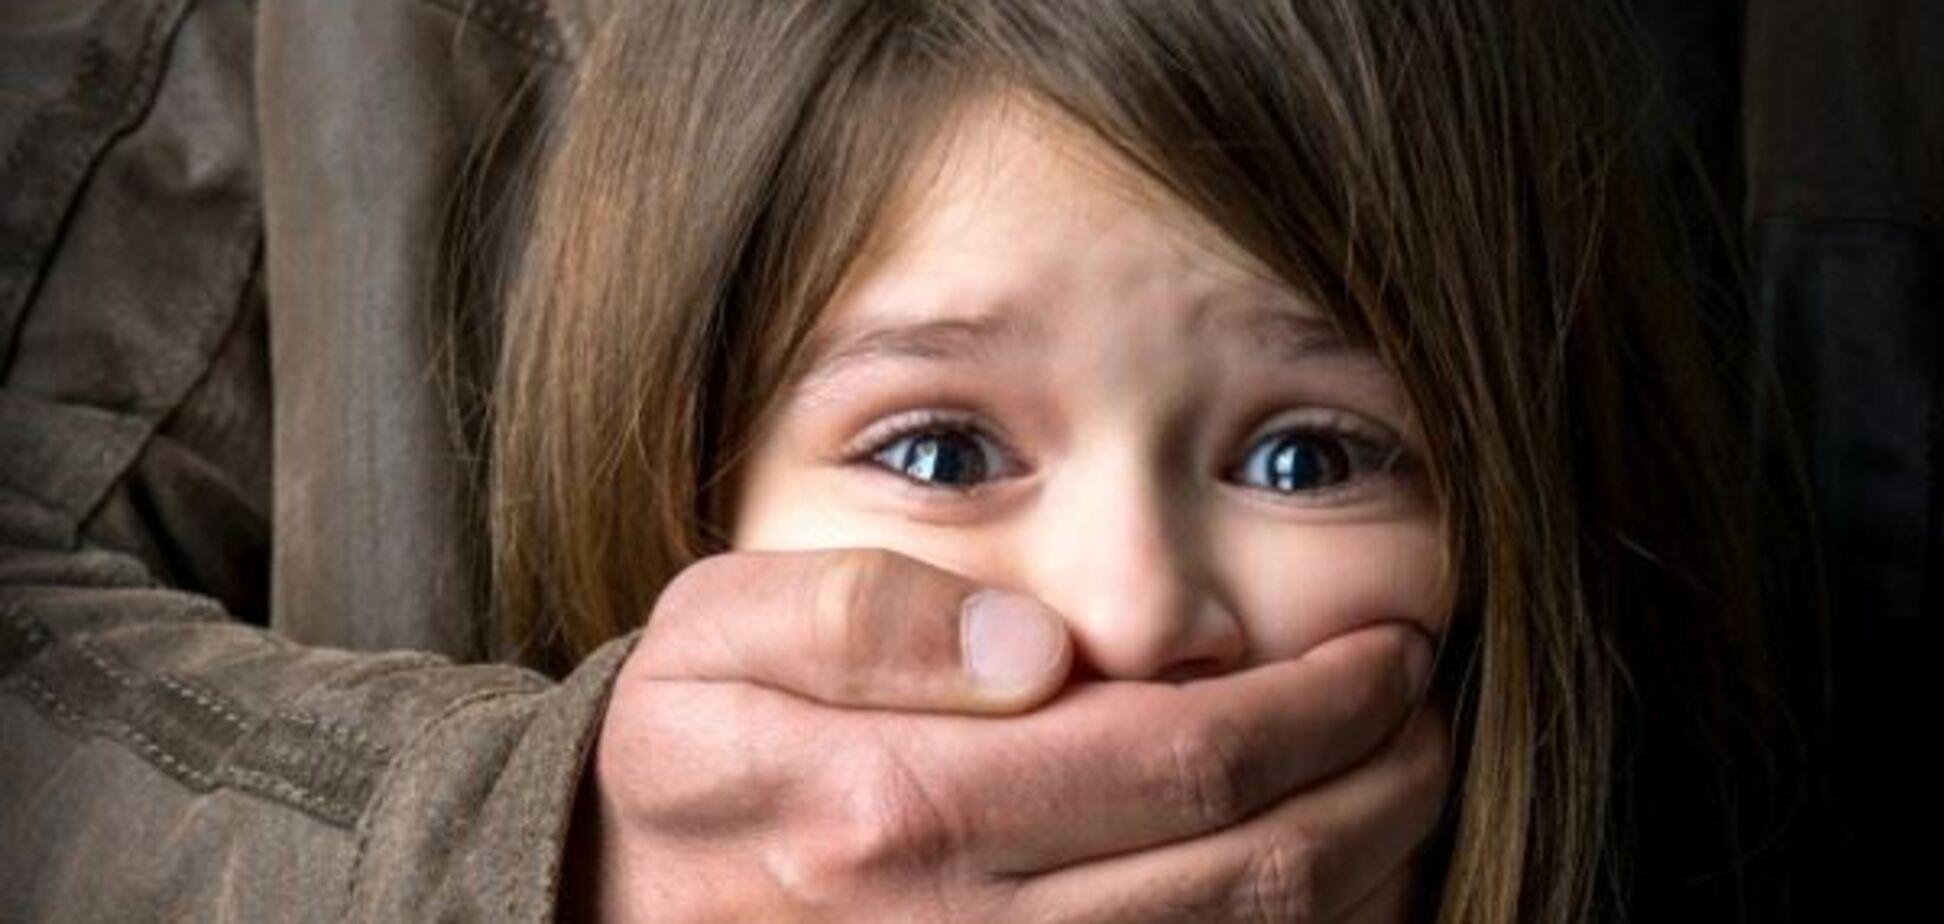 Рада посилила покарання за педофілію